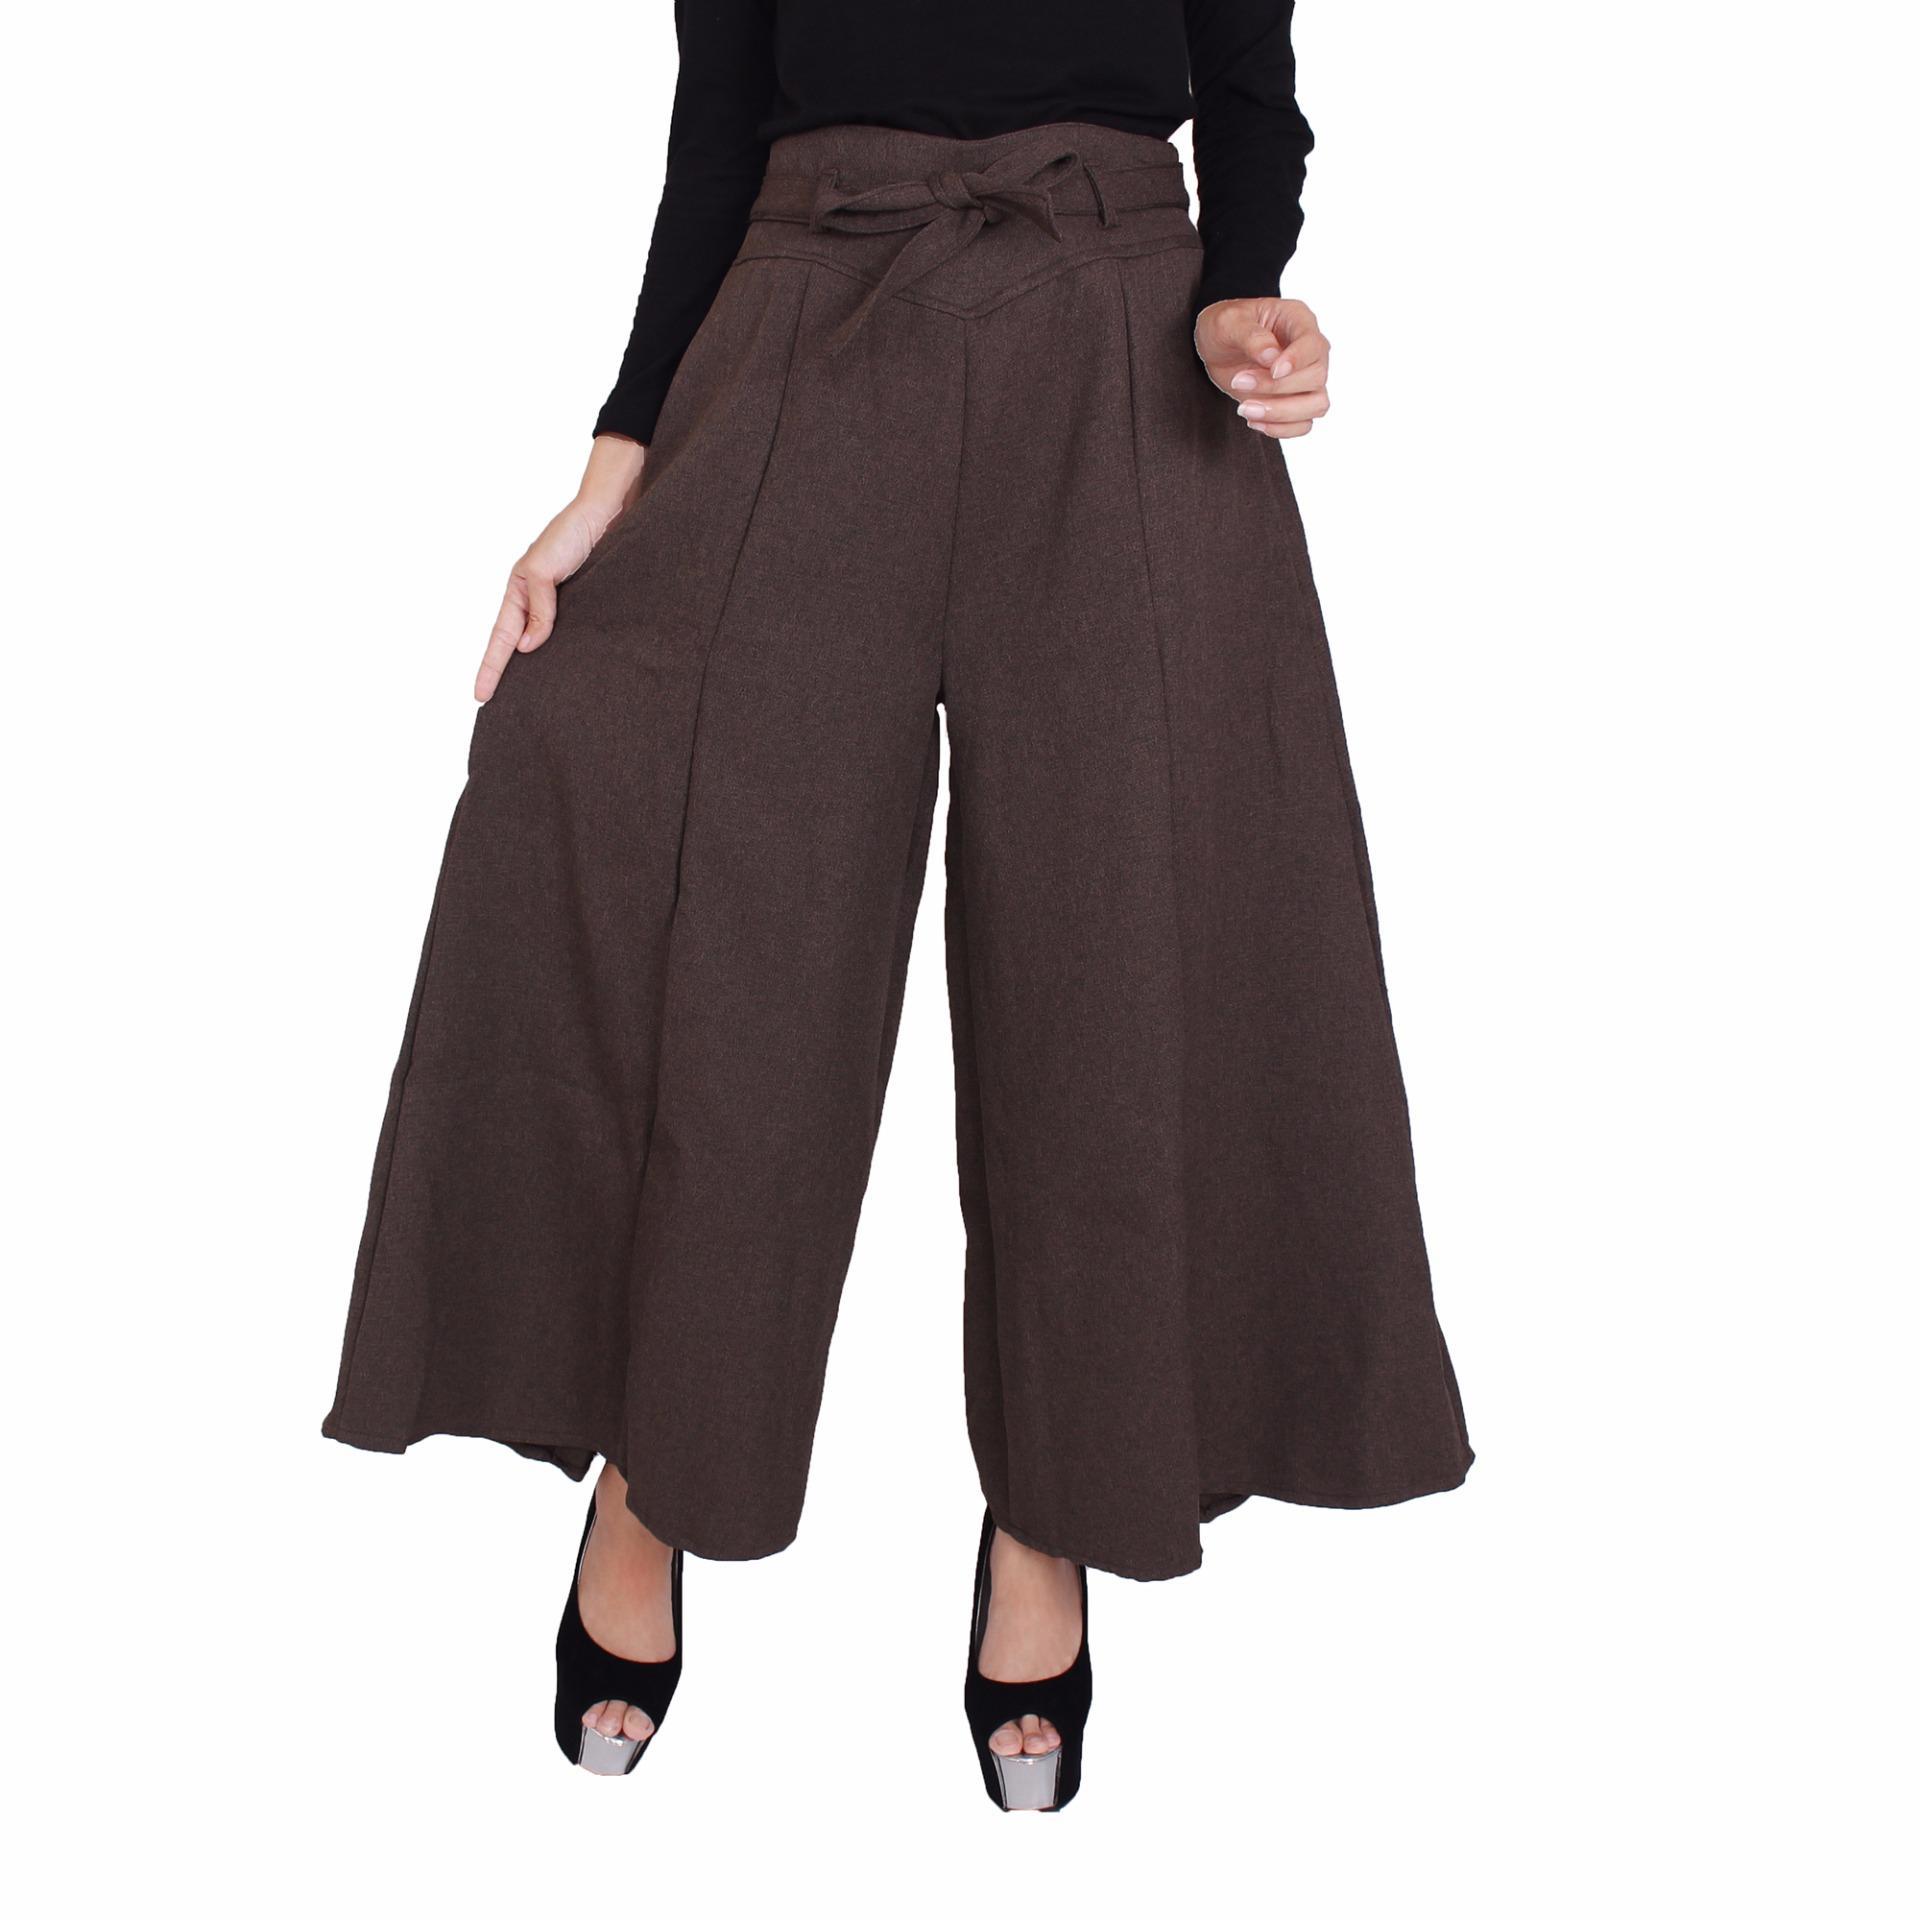 Spesifikasi Haymeestore Celana Kulot Kantor Panjang Wanita Celana Cullot Kantor Wanita Kantor Casual Fashion Merk Haymee